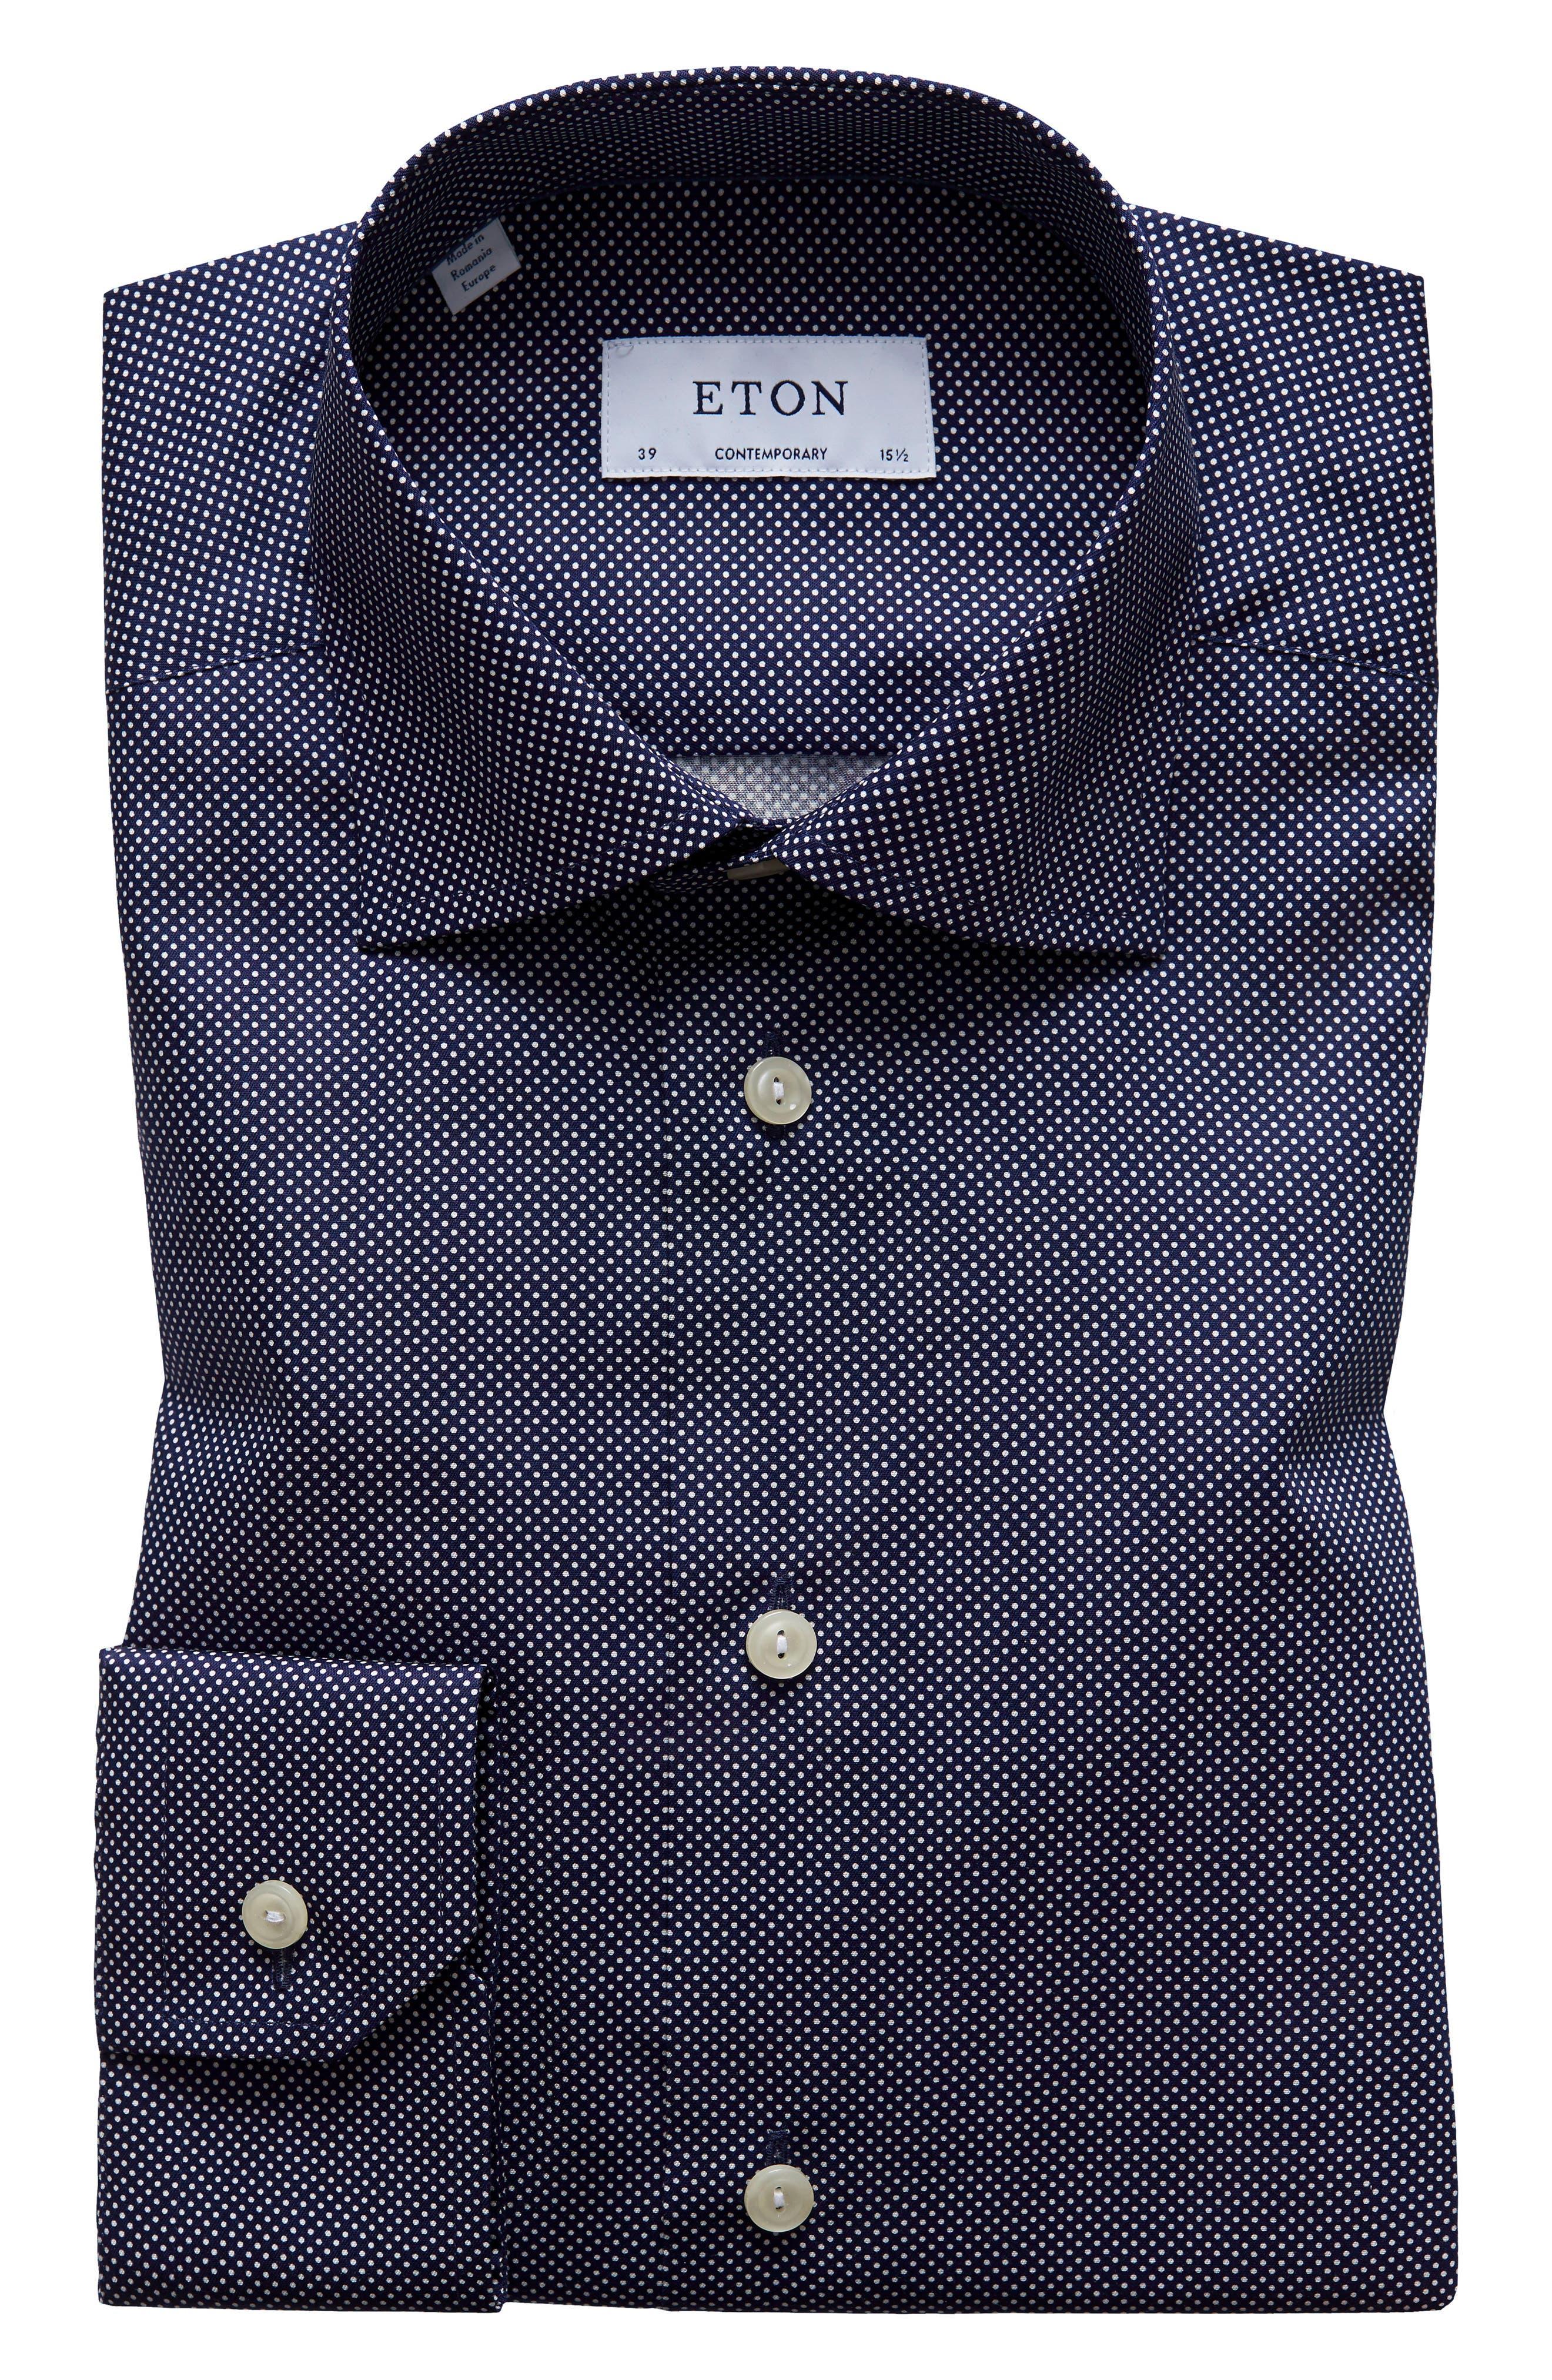 Contemporary Fit Signature Polka Dot Dress Shirt,                             Main thumbnail 1, color,                             BLUE